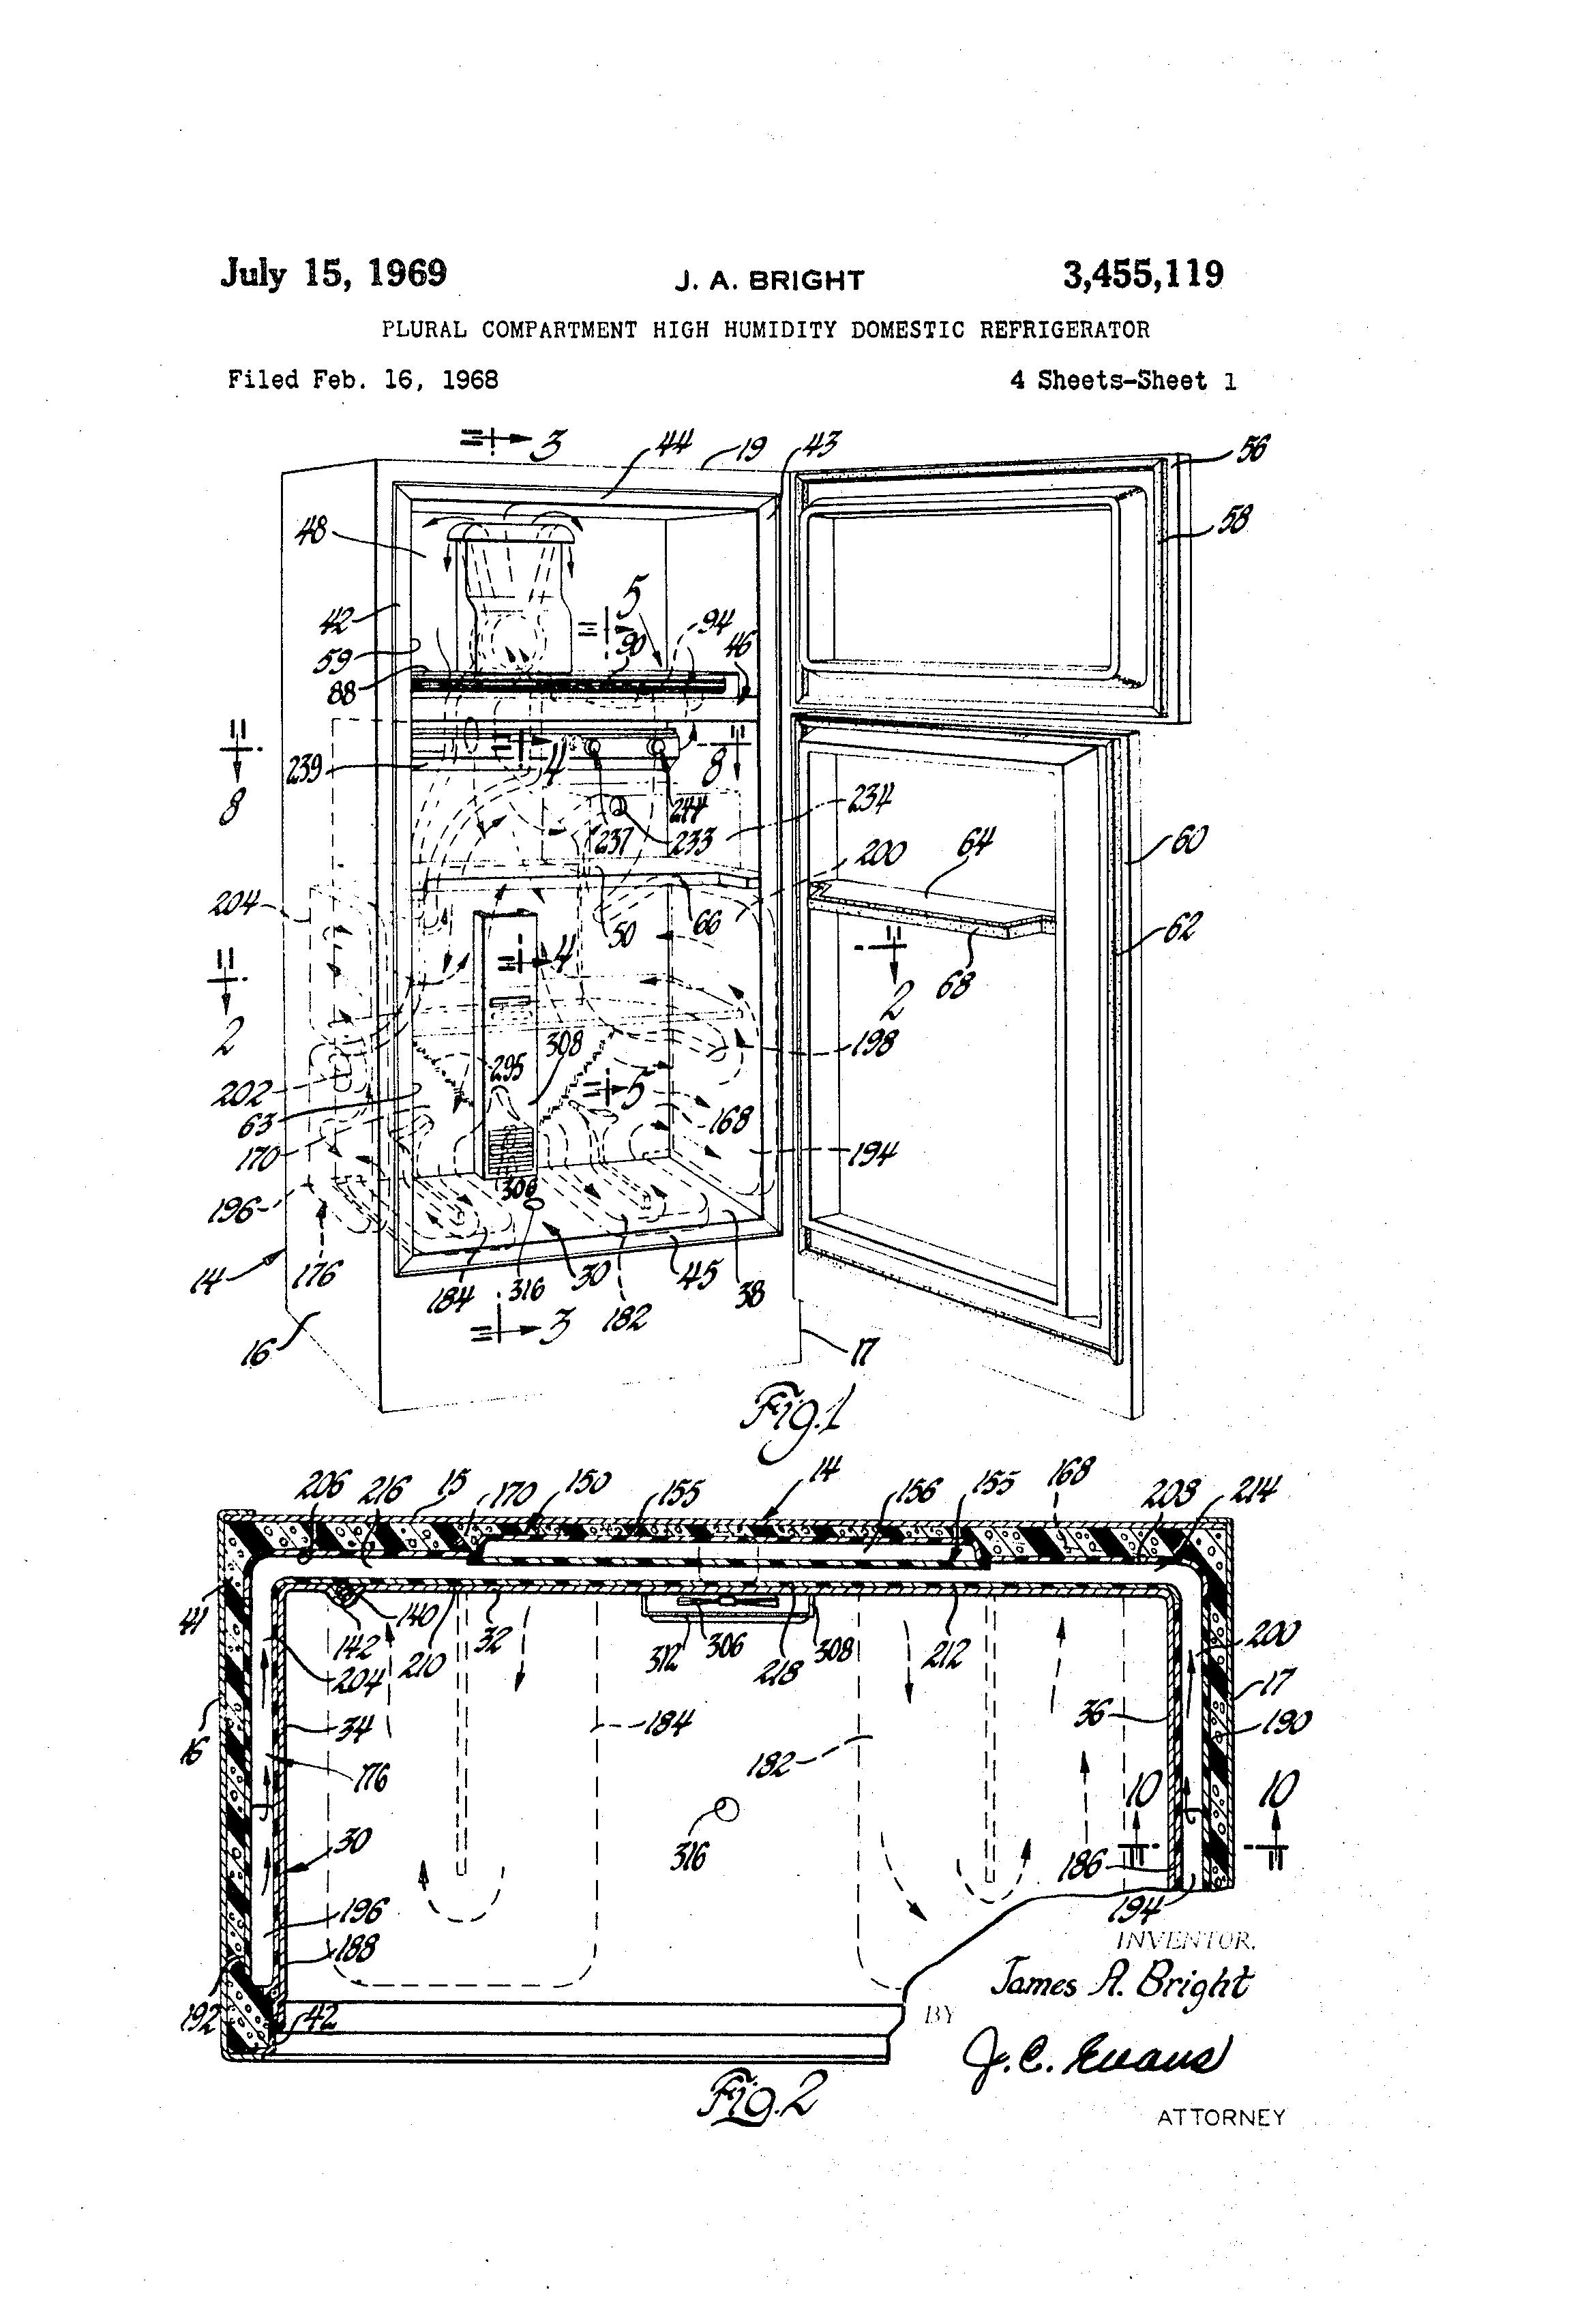 Philco Refrigerator Wiring Diagram : Ge gss refrigerator wiring schematic wr